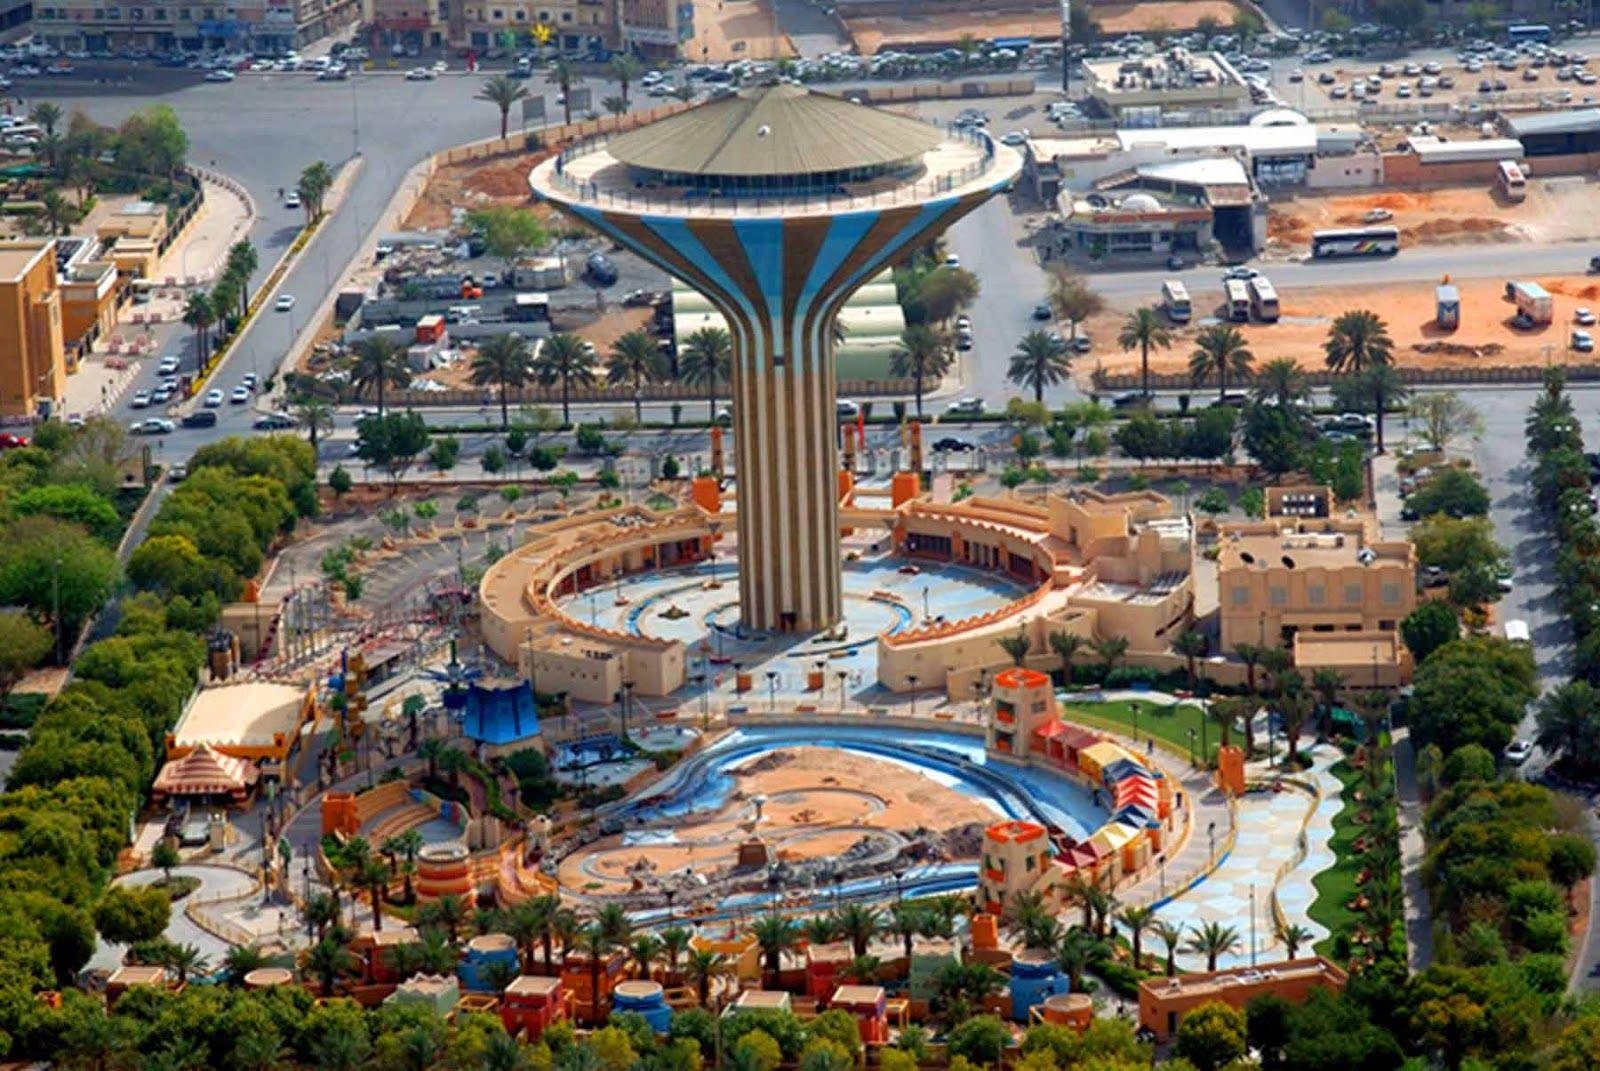 خلفيات عالية الدقة لأماكن جميلة في المملكة العربية السعودية مداد الجليد Outdoor Bird Bath Outdoor Decor